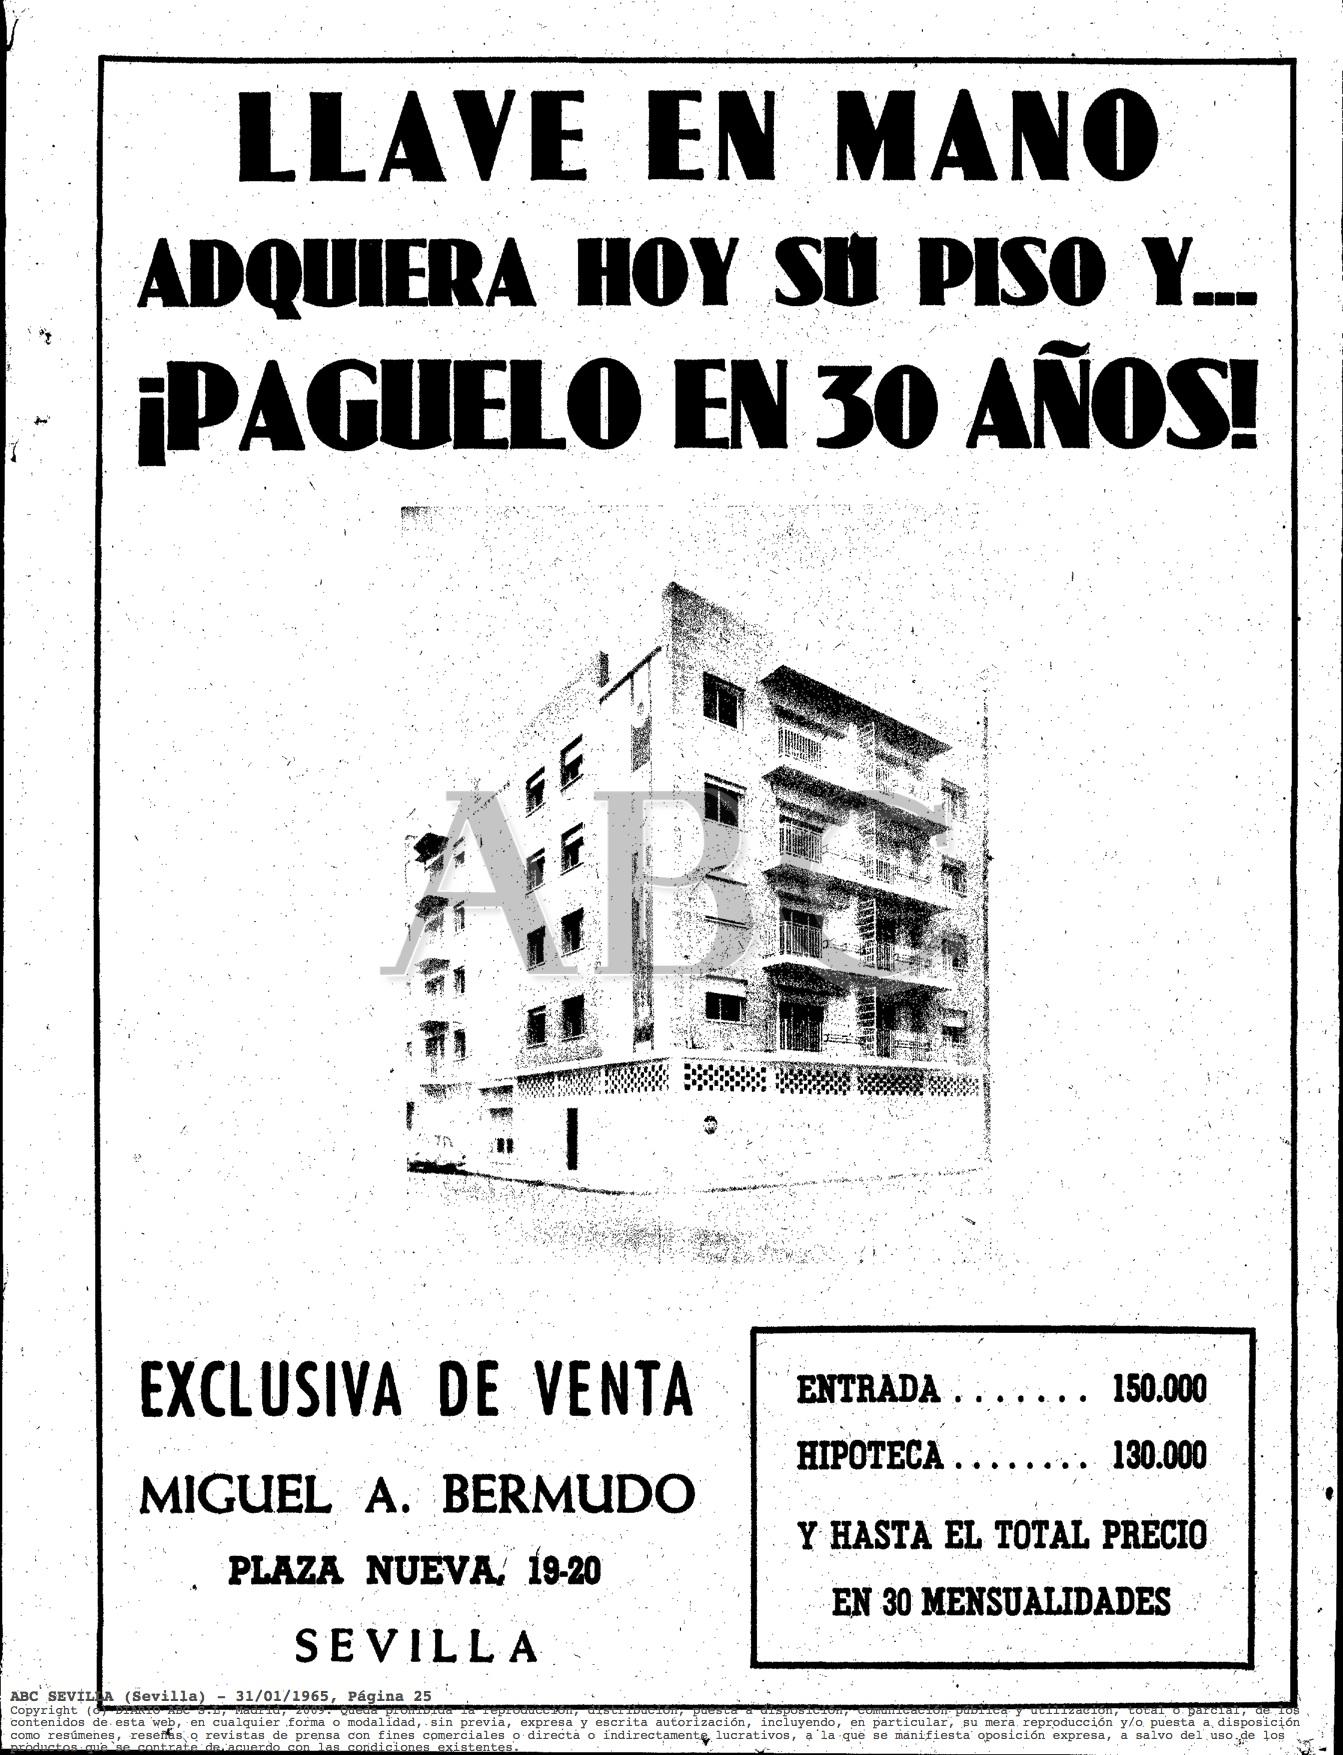 31 de Enero de 1965